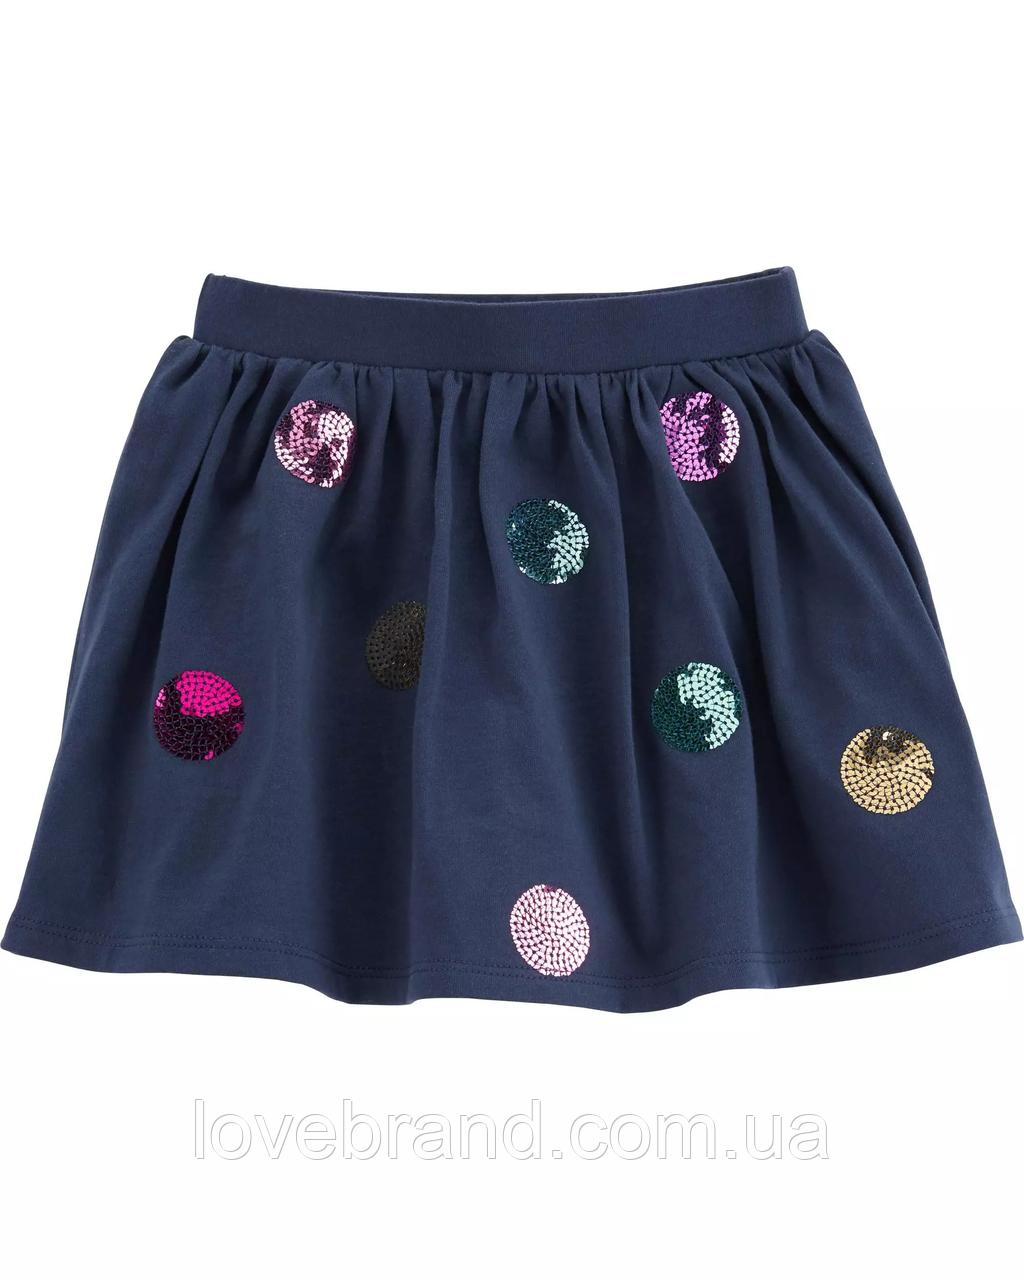 """Юбка-шорты для девочки Carter's синего цвета """"Паетки"""""""